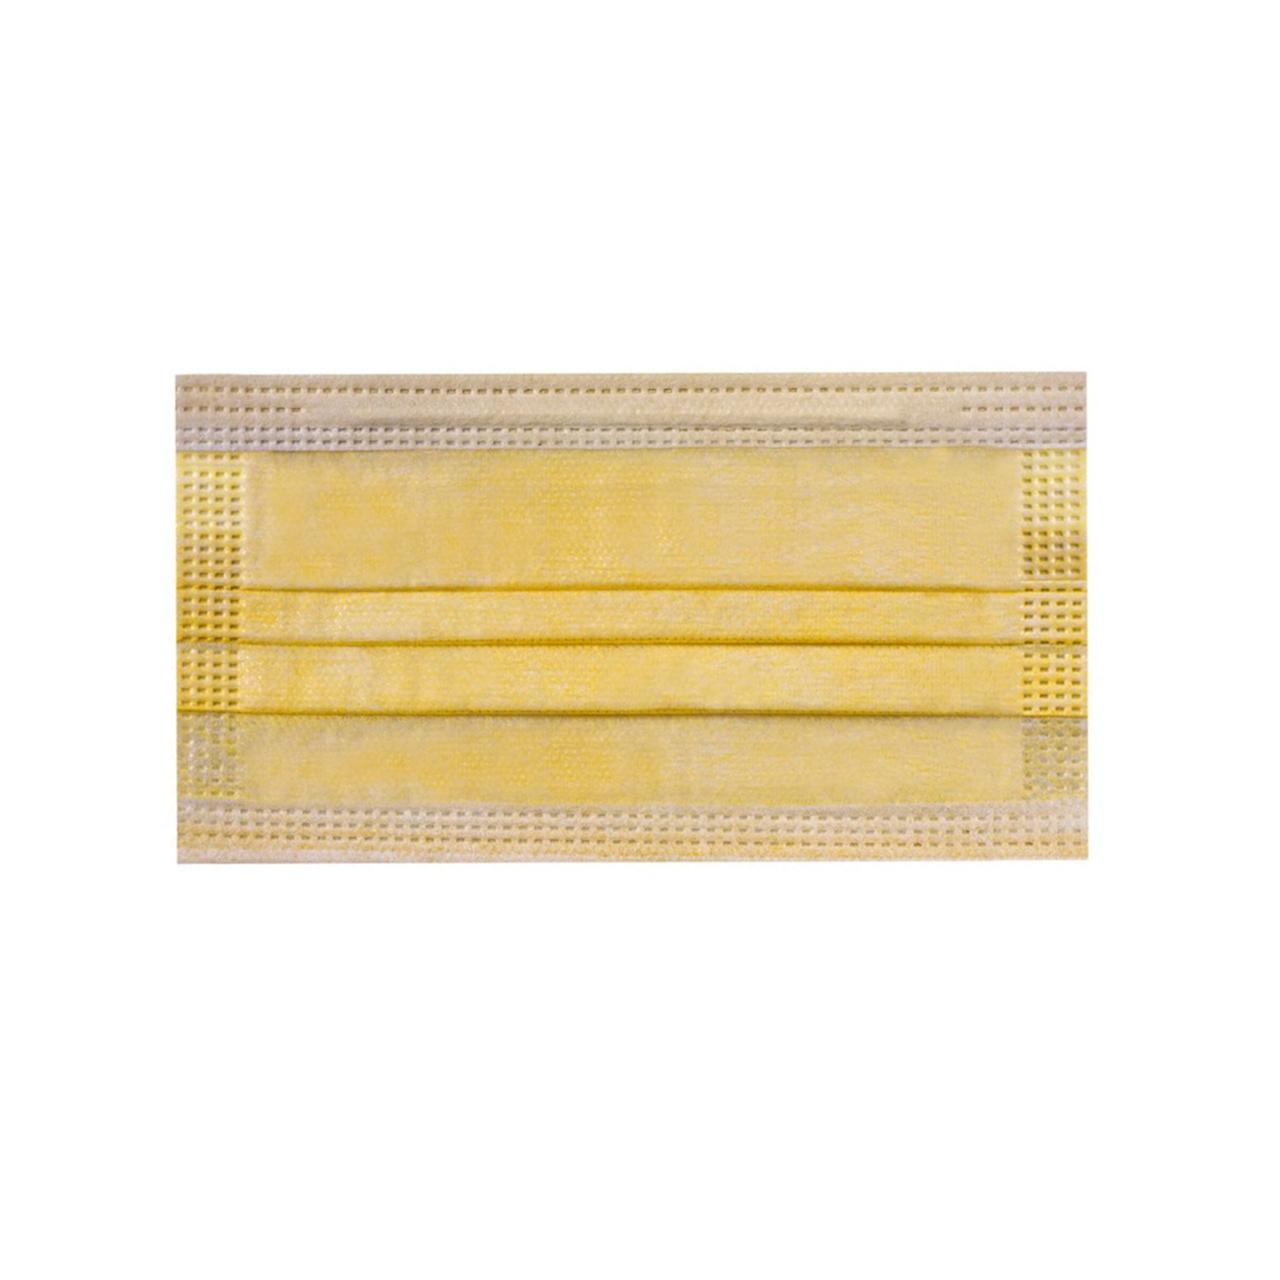 ماسک تنفسی انزانی مدل ELY09 بسته 10 عددی main 1 1